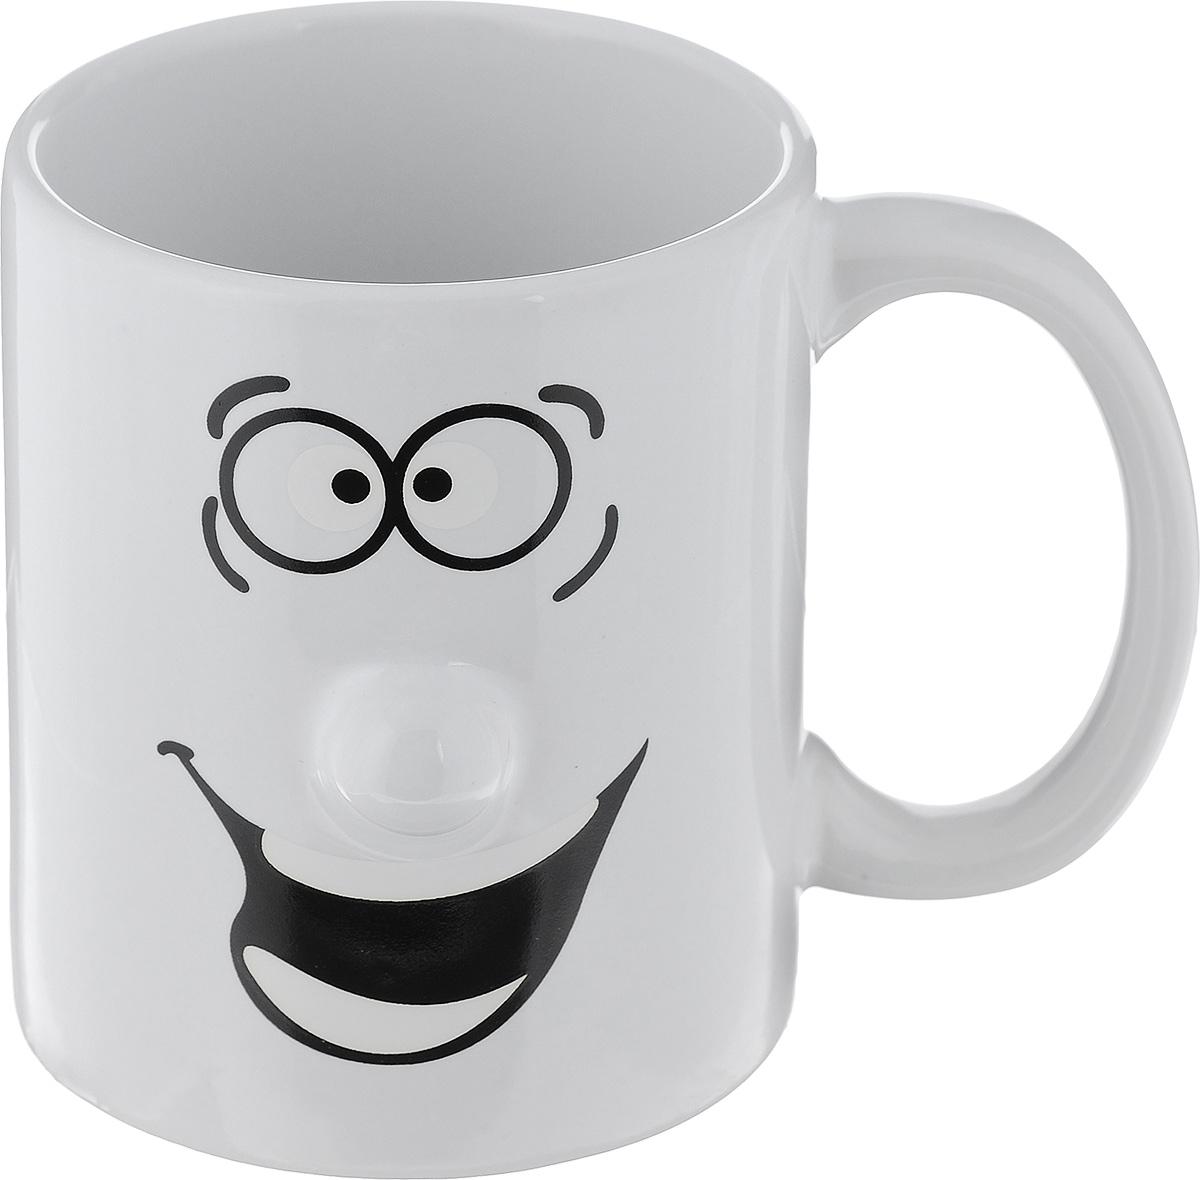 Кружка Walmer Smiley, цвет: белый, 300 млW06220030Кружка Walmer Smiley выполнена из керамики и оформлена изображением забавного смайлика. Она станет отличным дополнением к сервировке семейного стола и замечательным подарком для ваших родных и друзей.Не рекомендуется применять абразивные моющие средства.Диаметр кружки по верхнему краю: 8 см.Высота кружки: 9,5 см.